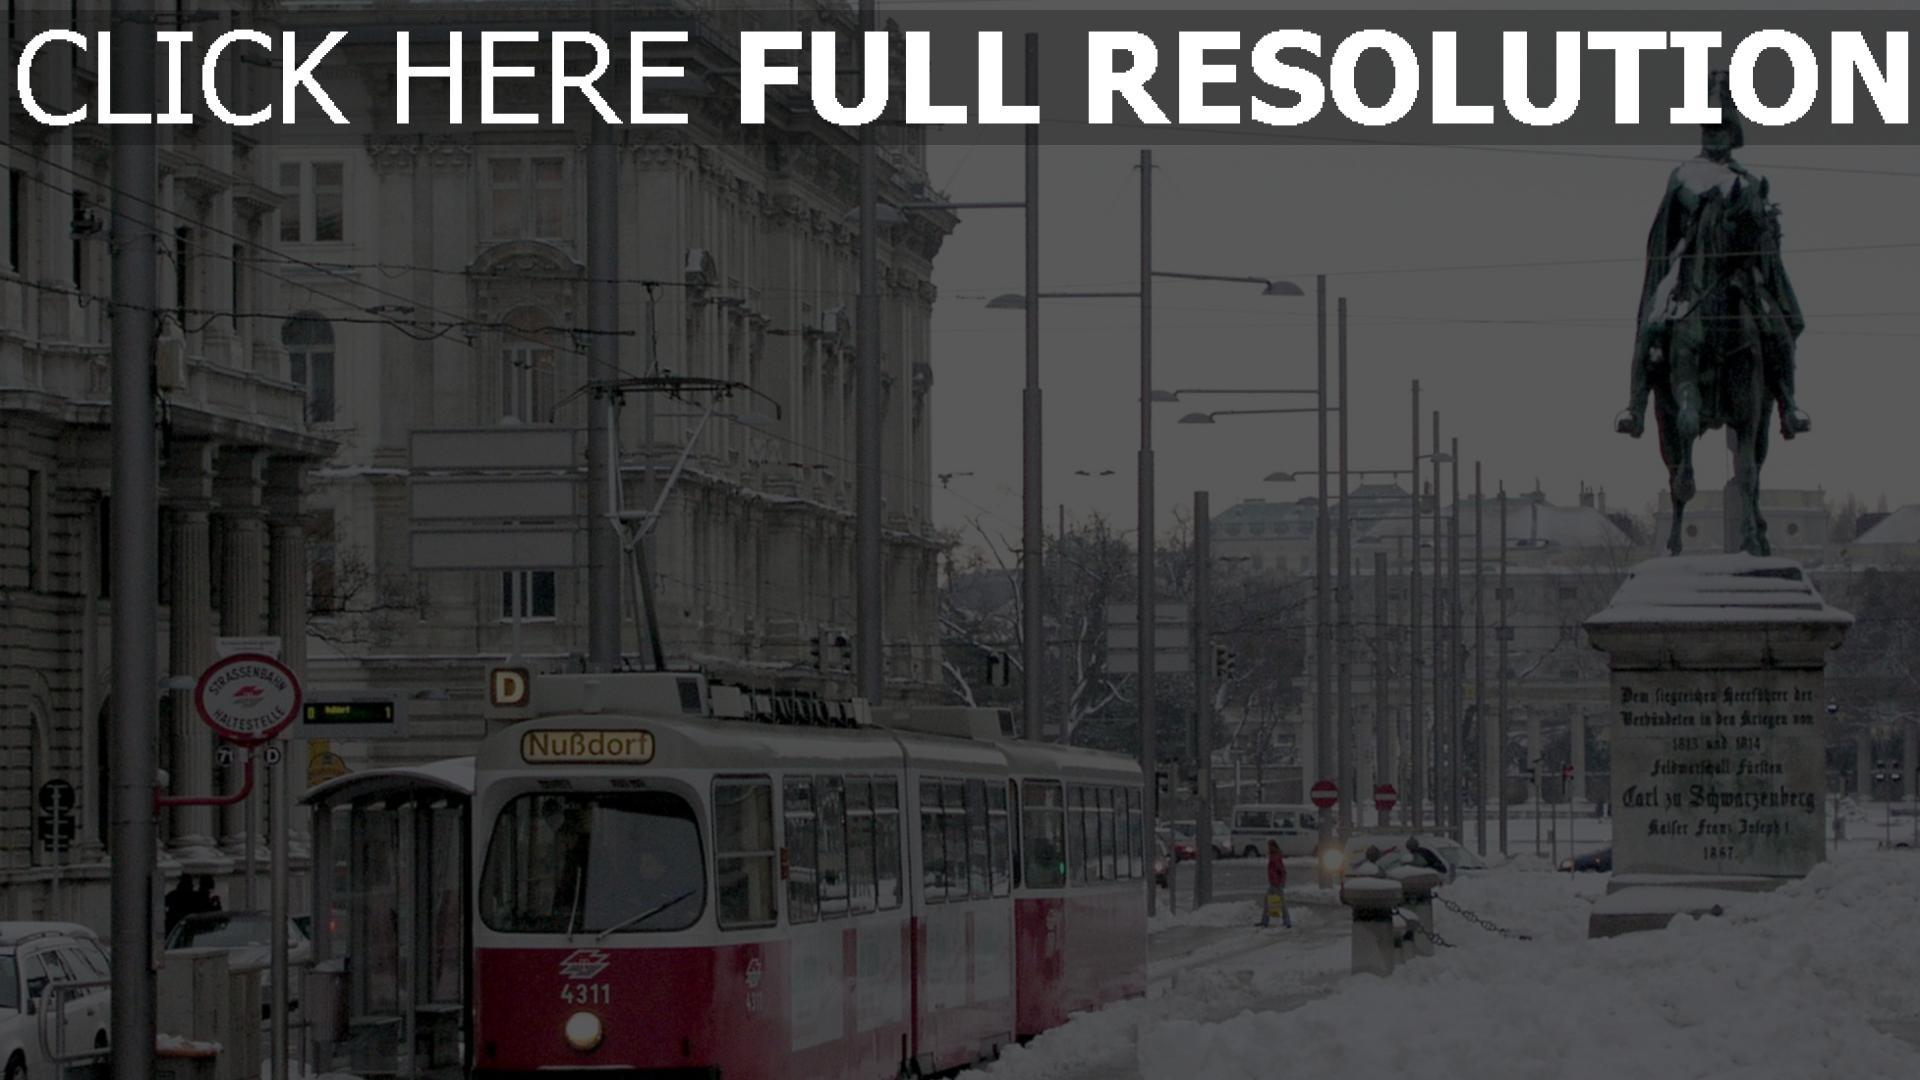 fond d'écran 1920x1080 vienne rue couverts de neige statue